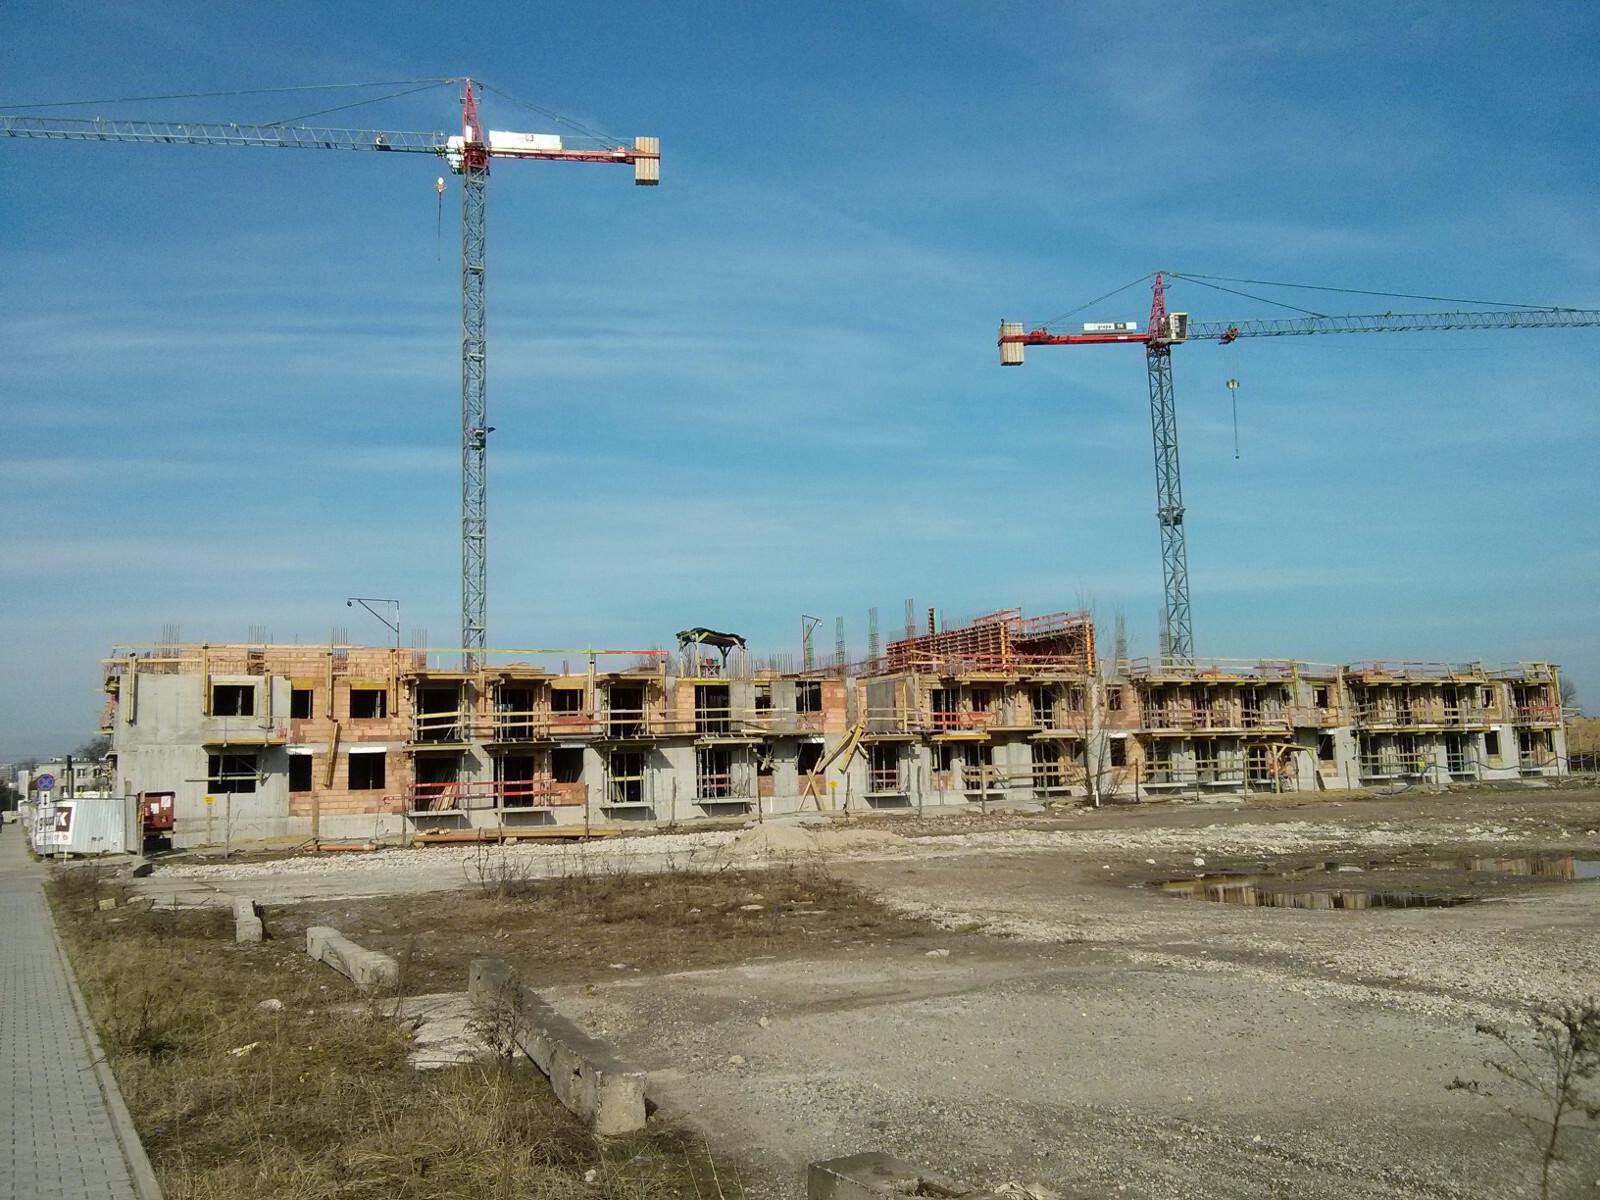 Tanie mieszkania w Krakowie Czyżynach przy ul. Centralnej w Krakowie